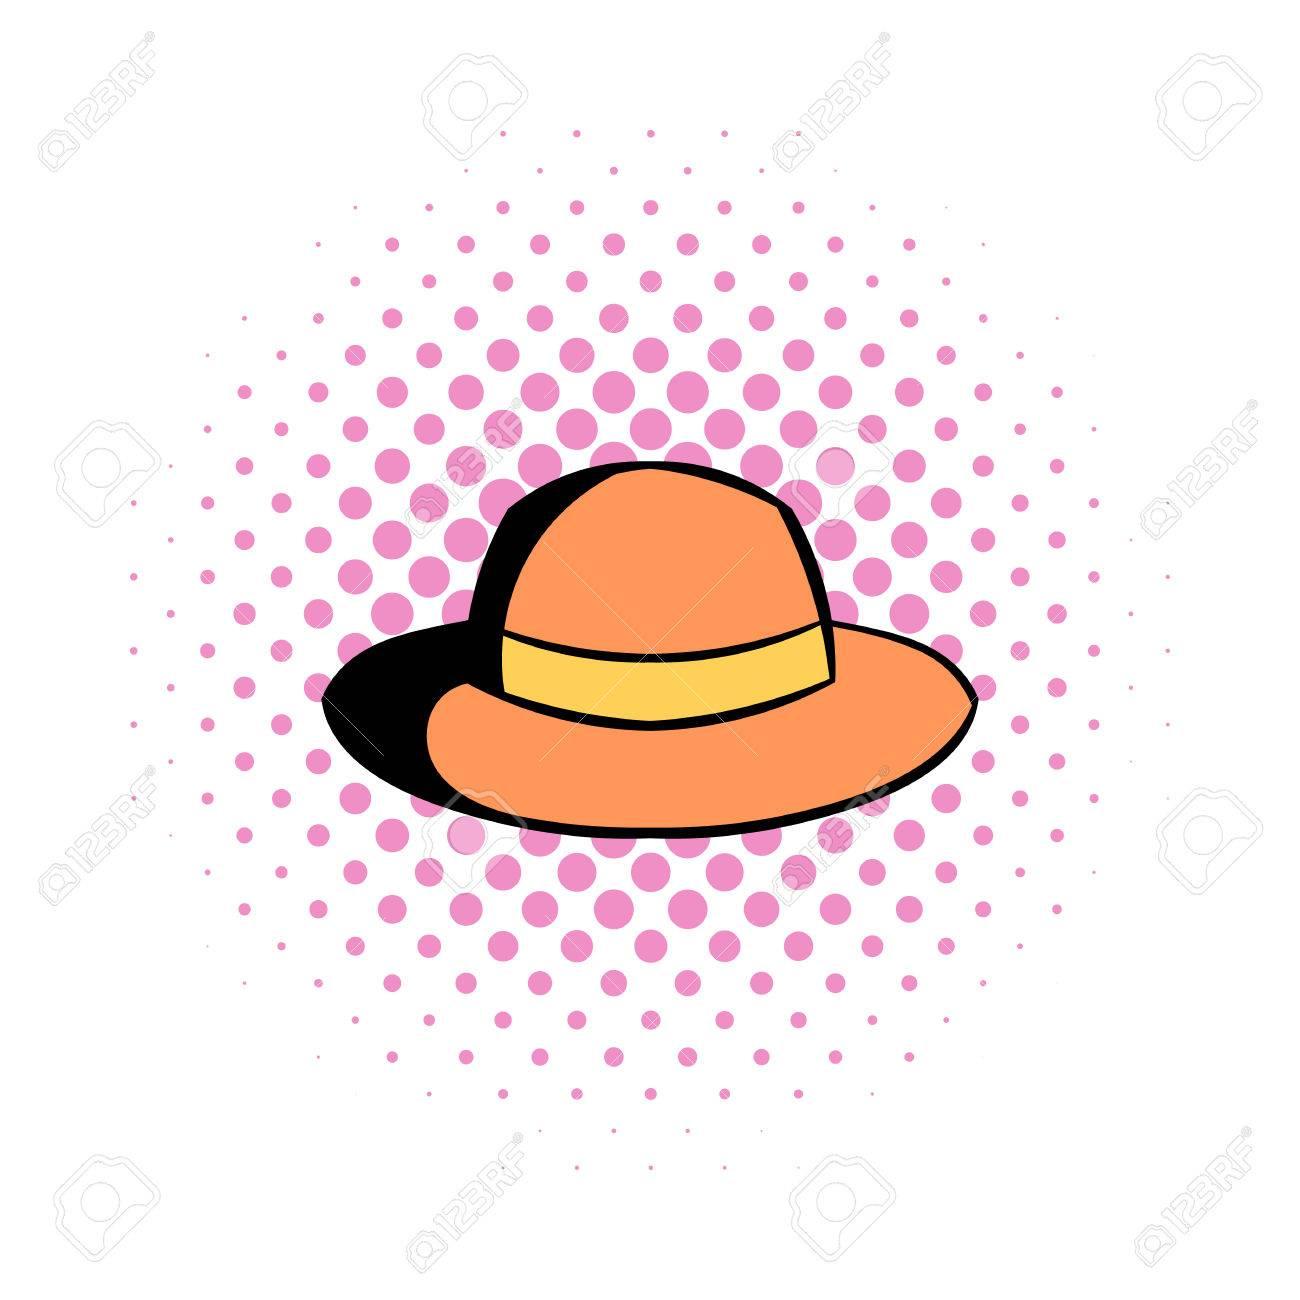 f9a785bf62daf Foto de archivo - Hipster icono de cómics sombrero. sombrero gris masculino  con arco sobre un fondo blanco